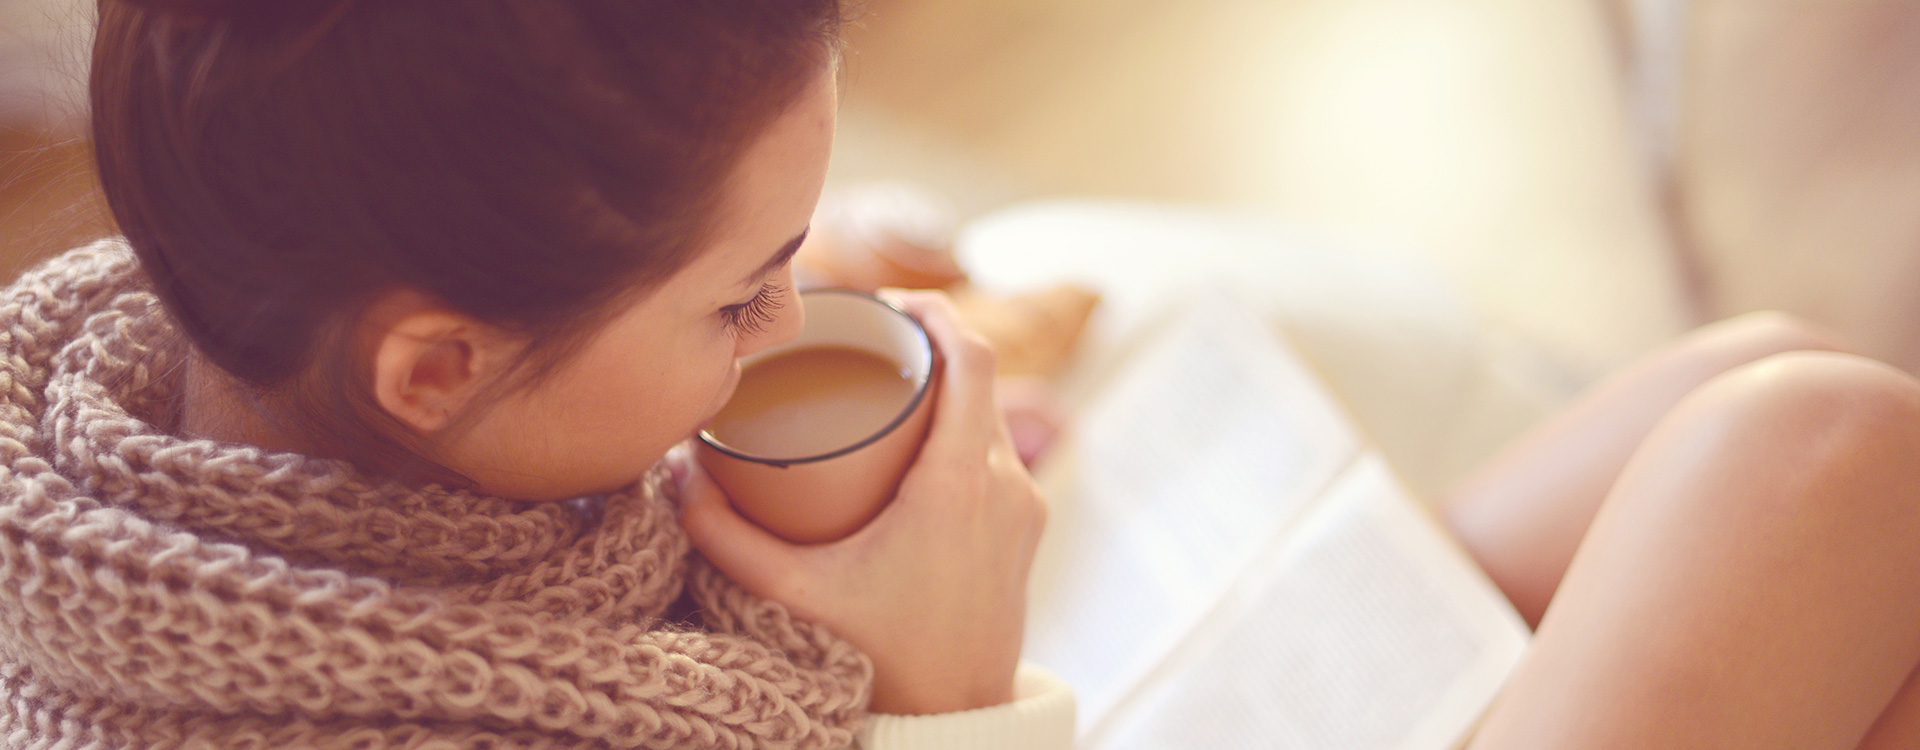 Erkältung: Regelmäßiger Härtetest für die Abwehrkräfte